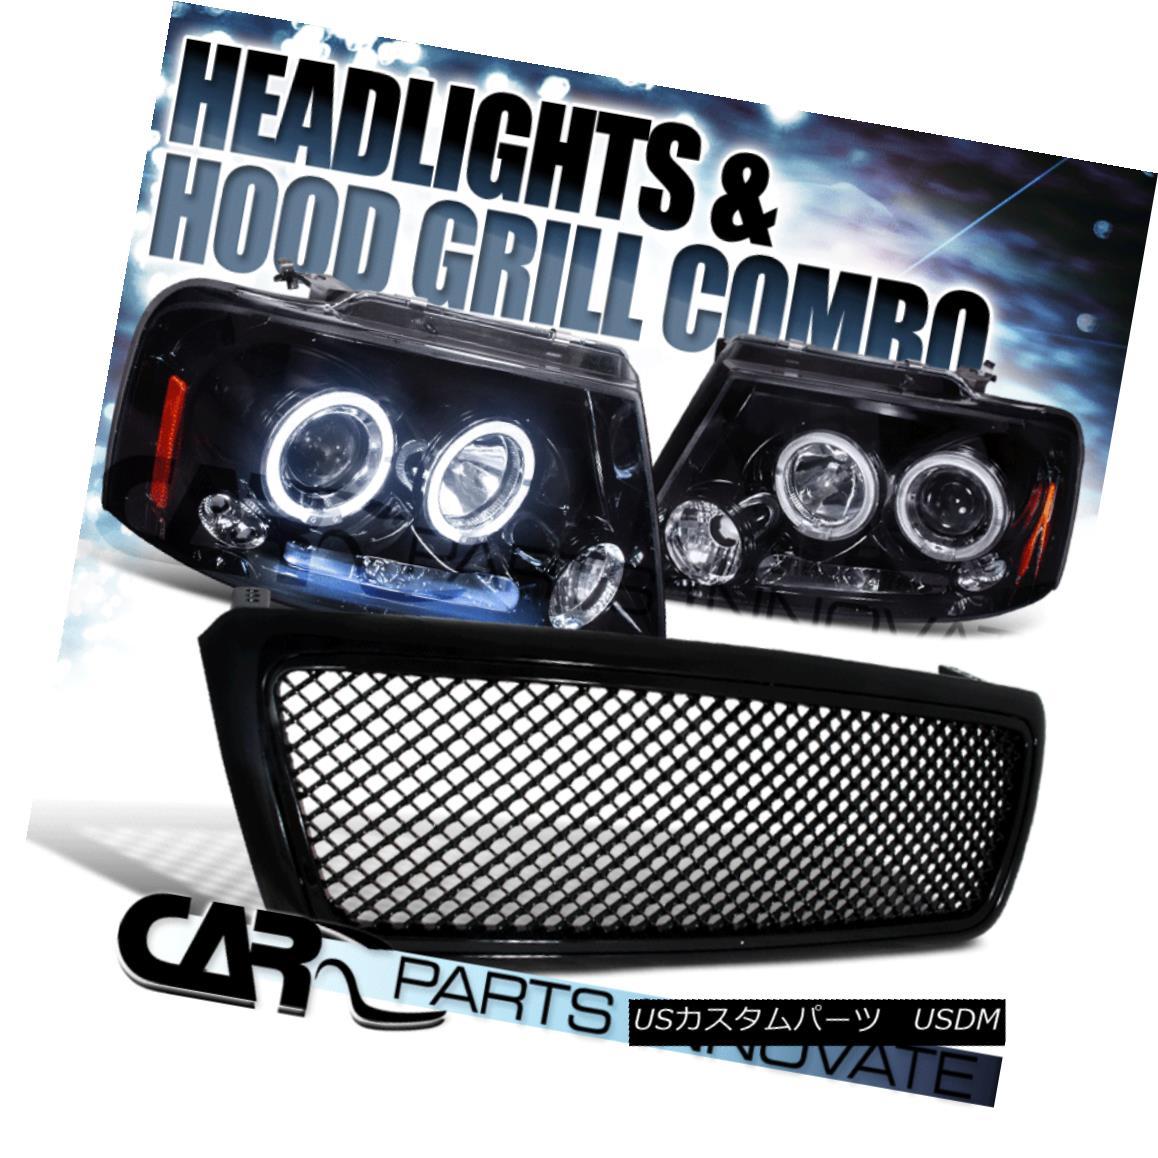 グリル Glossy Black 04-08 F150 Smoke Halo LED Projector Headlights+ABS Mesh Grille 光沢ブラック04-08 F150スモークハローLEDプロジェクターヘッドライト+ ABSメッシュグリル